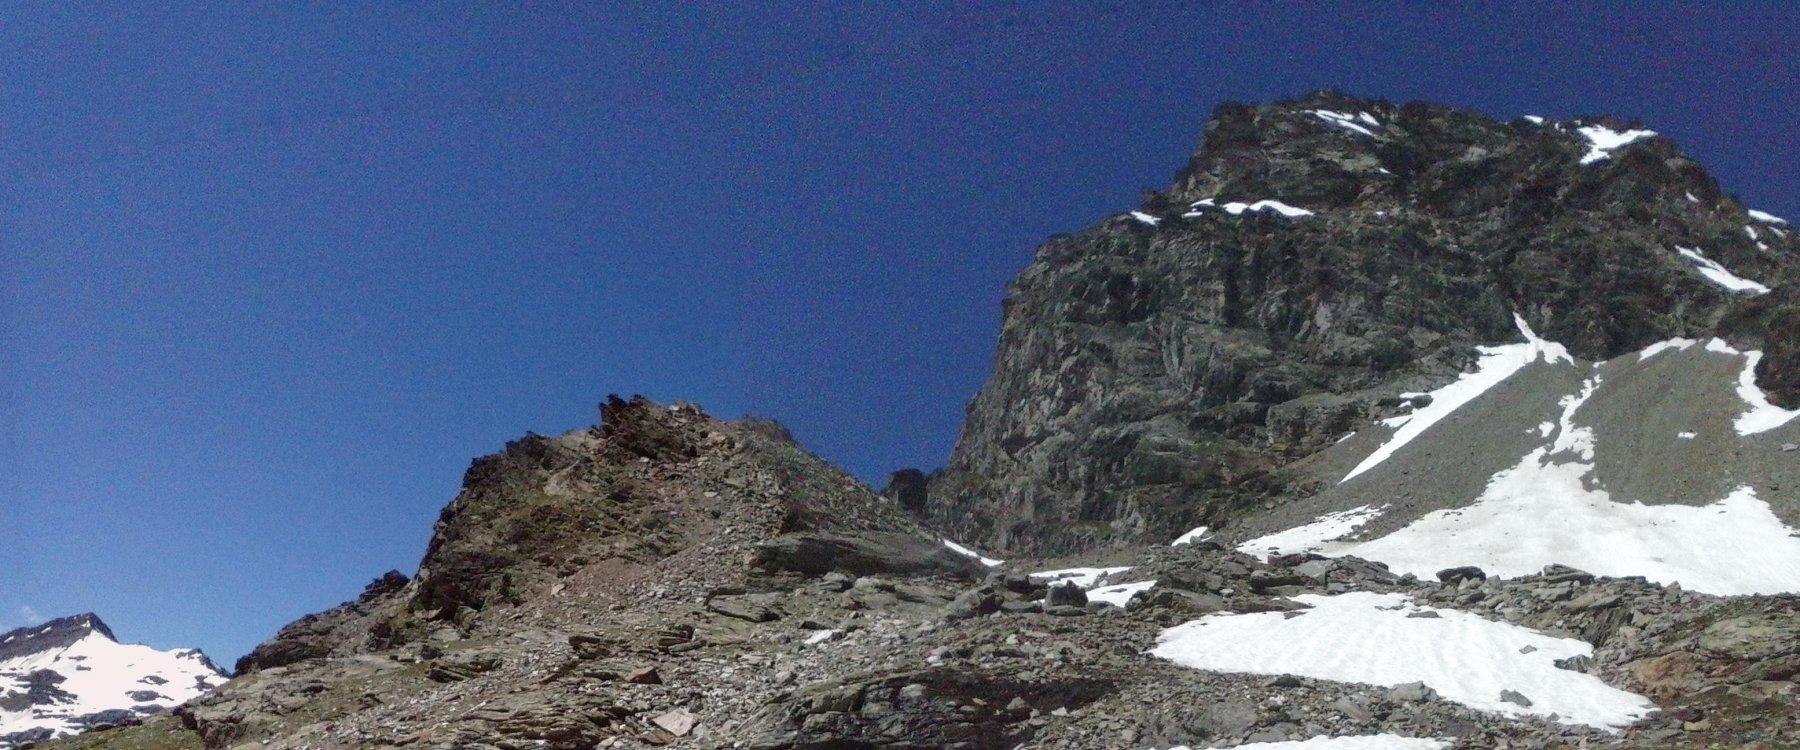 quota 2700 sotto la Becca Du Mont... a sinistra sullo sfondo l'Ormelune..